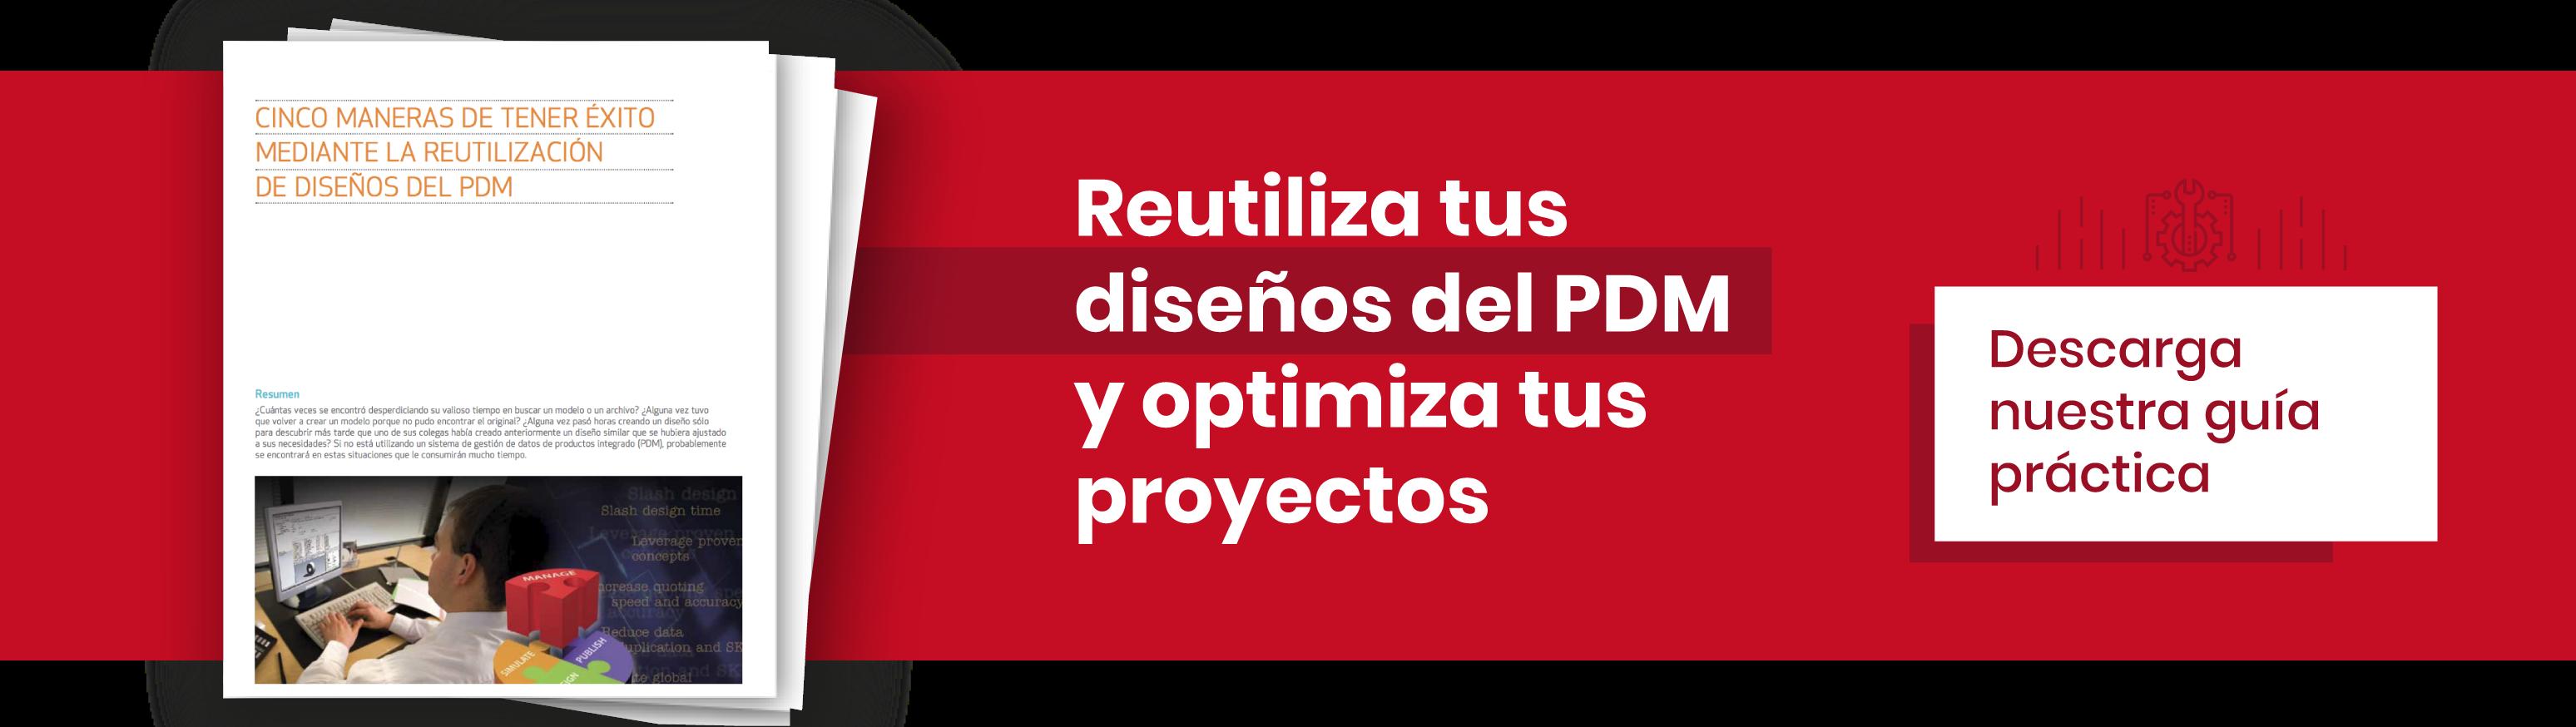 Reutiliza tus diseños del PDM y optimiza tus proyectos